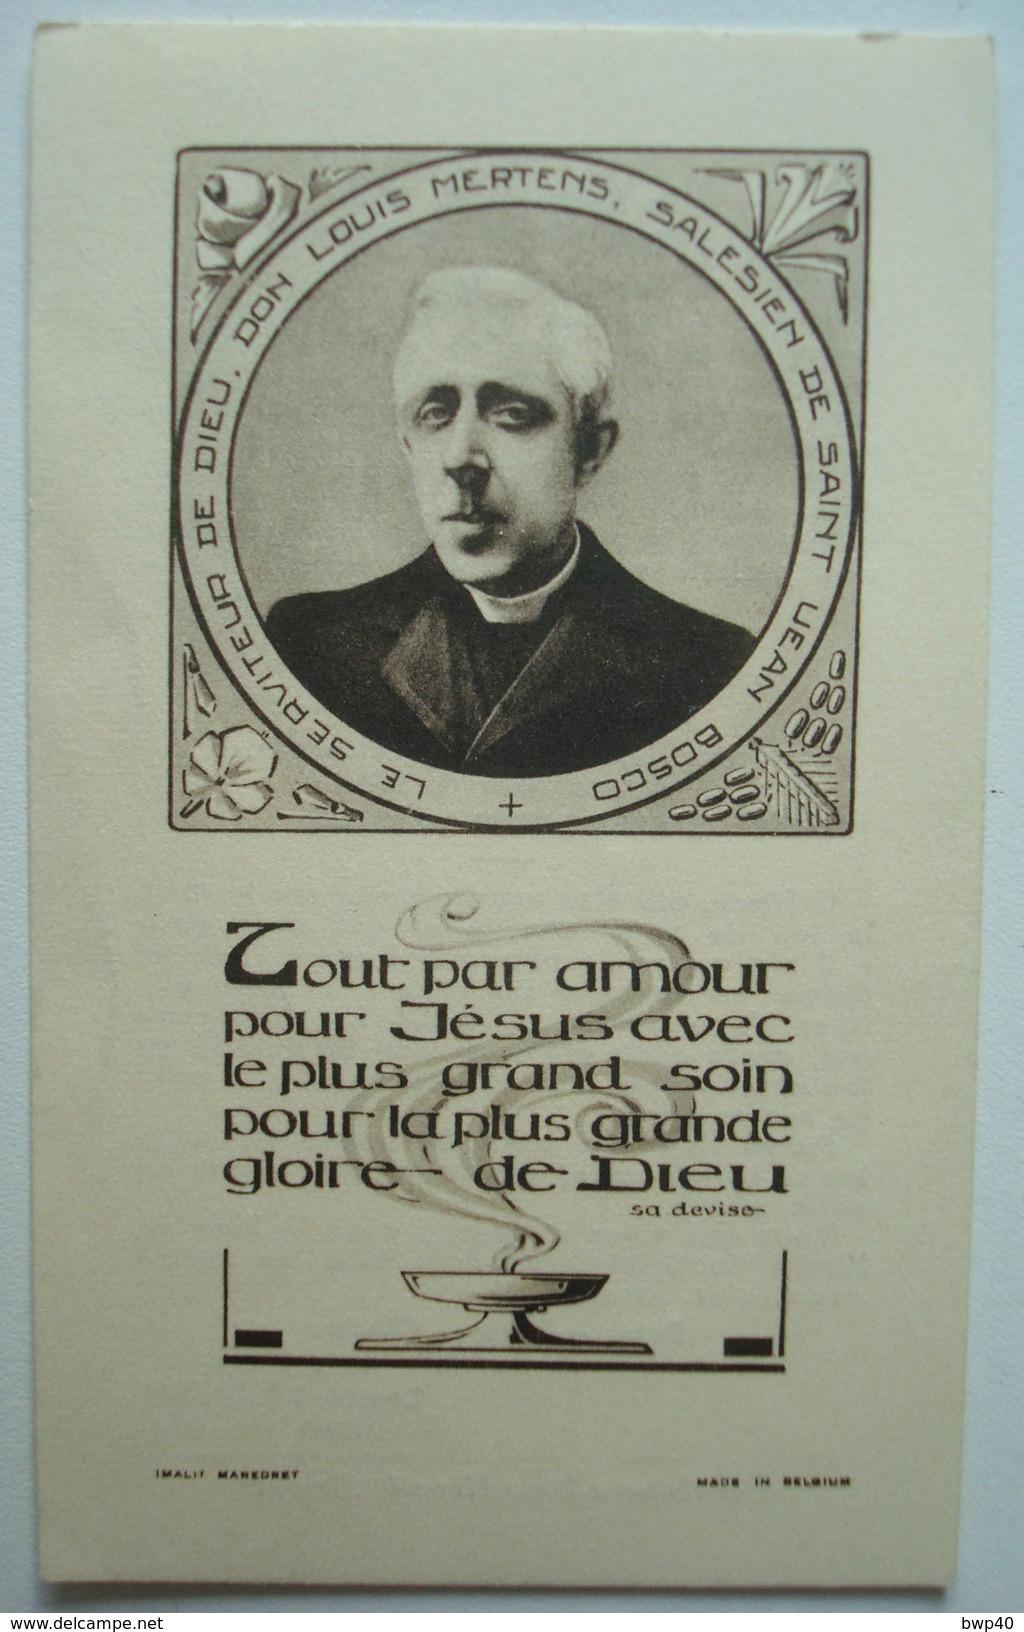 Souvenir De L'Abbé Louis Mertens Salésien Mort En Odeur De Sainteté Le 25 Avril 1920. - Images Religieuses